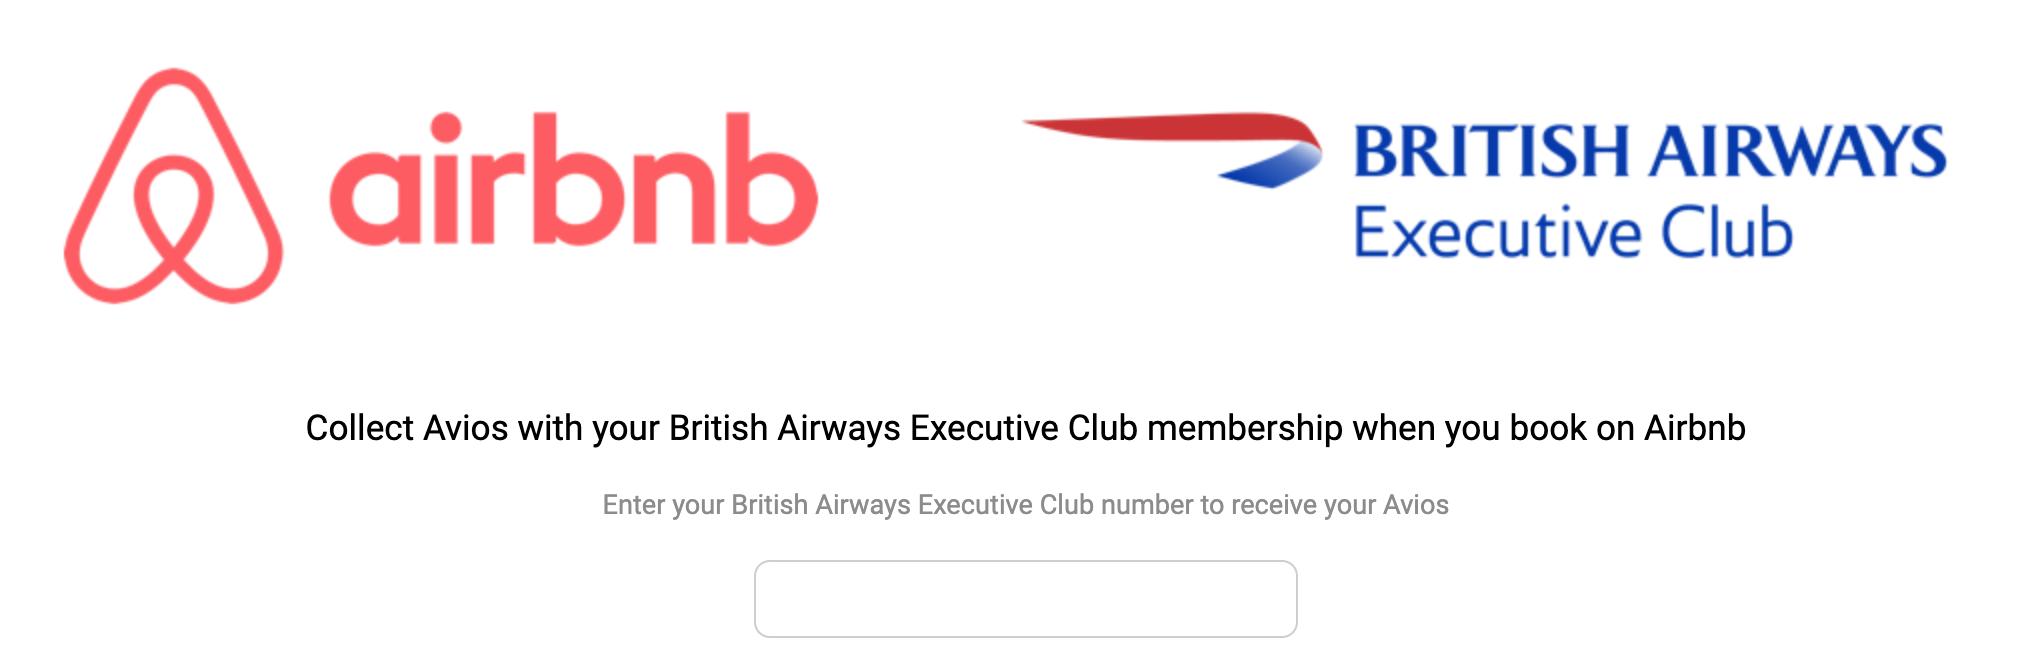 Airbnb Avios partnership page